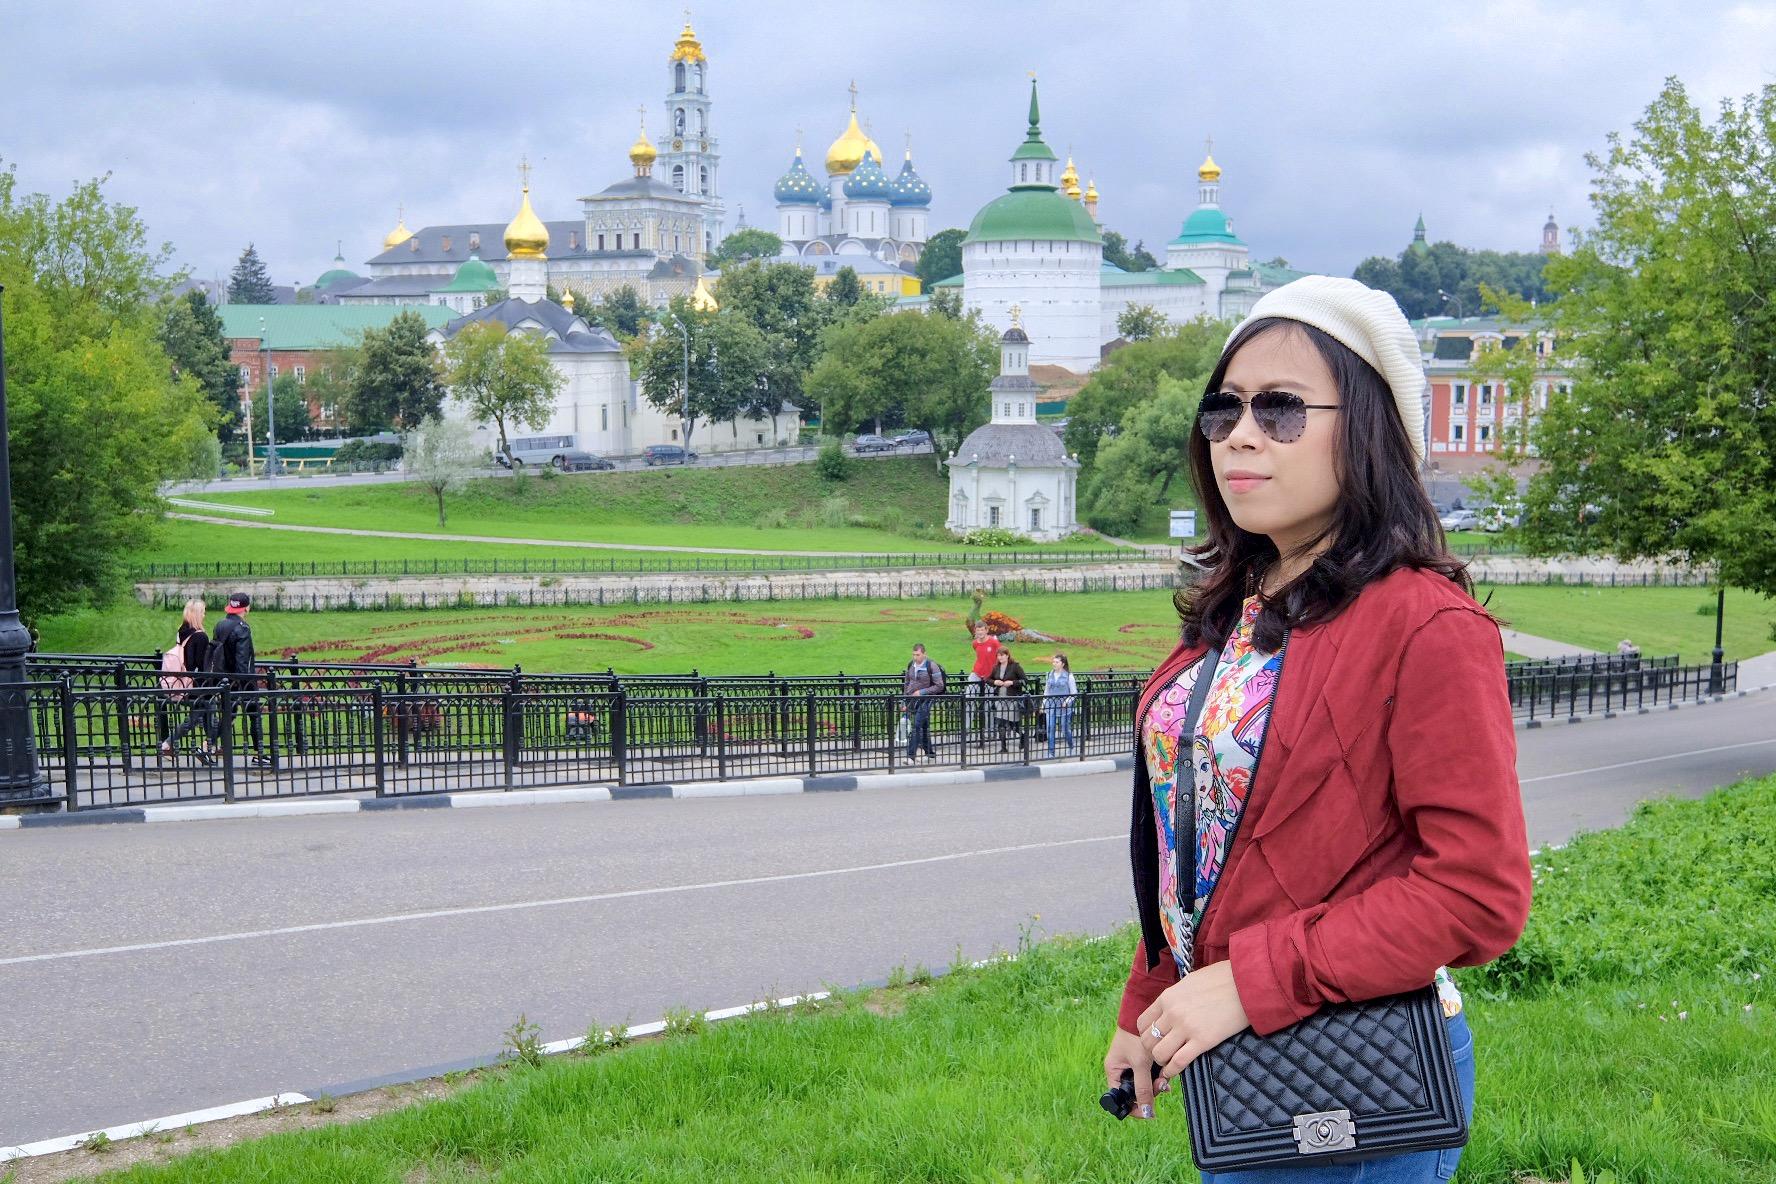 ကမ္ဘာ့အကြီးဆုံးနိုင်ငံ ရုရှား (Russia, World's Largest Country)